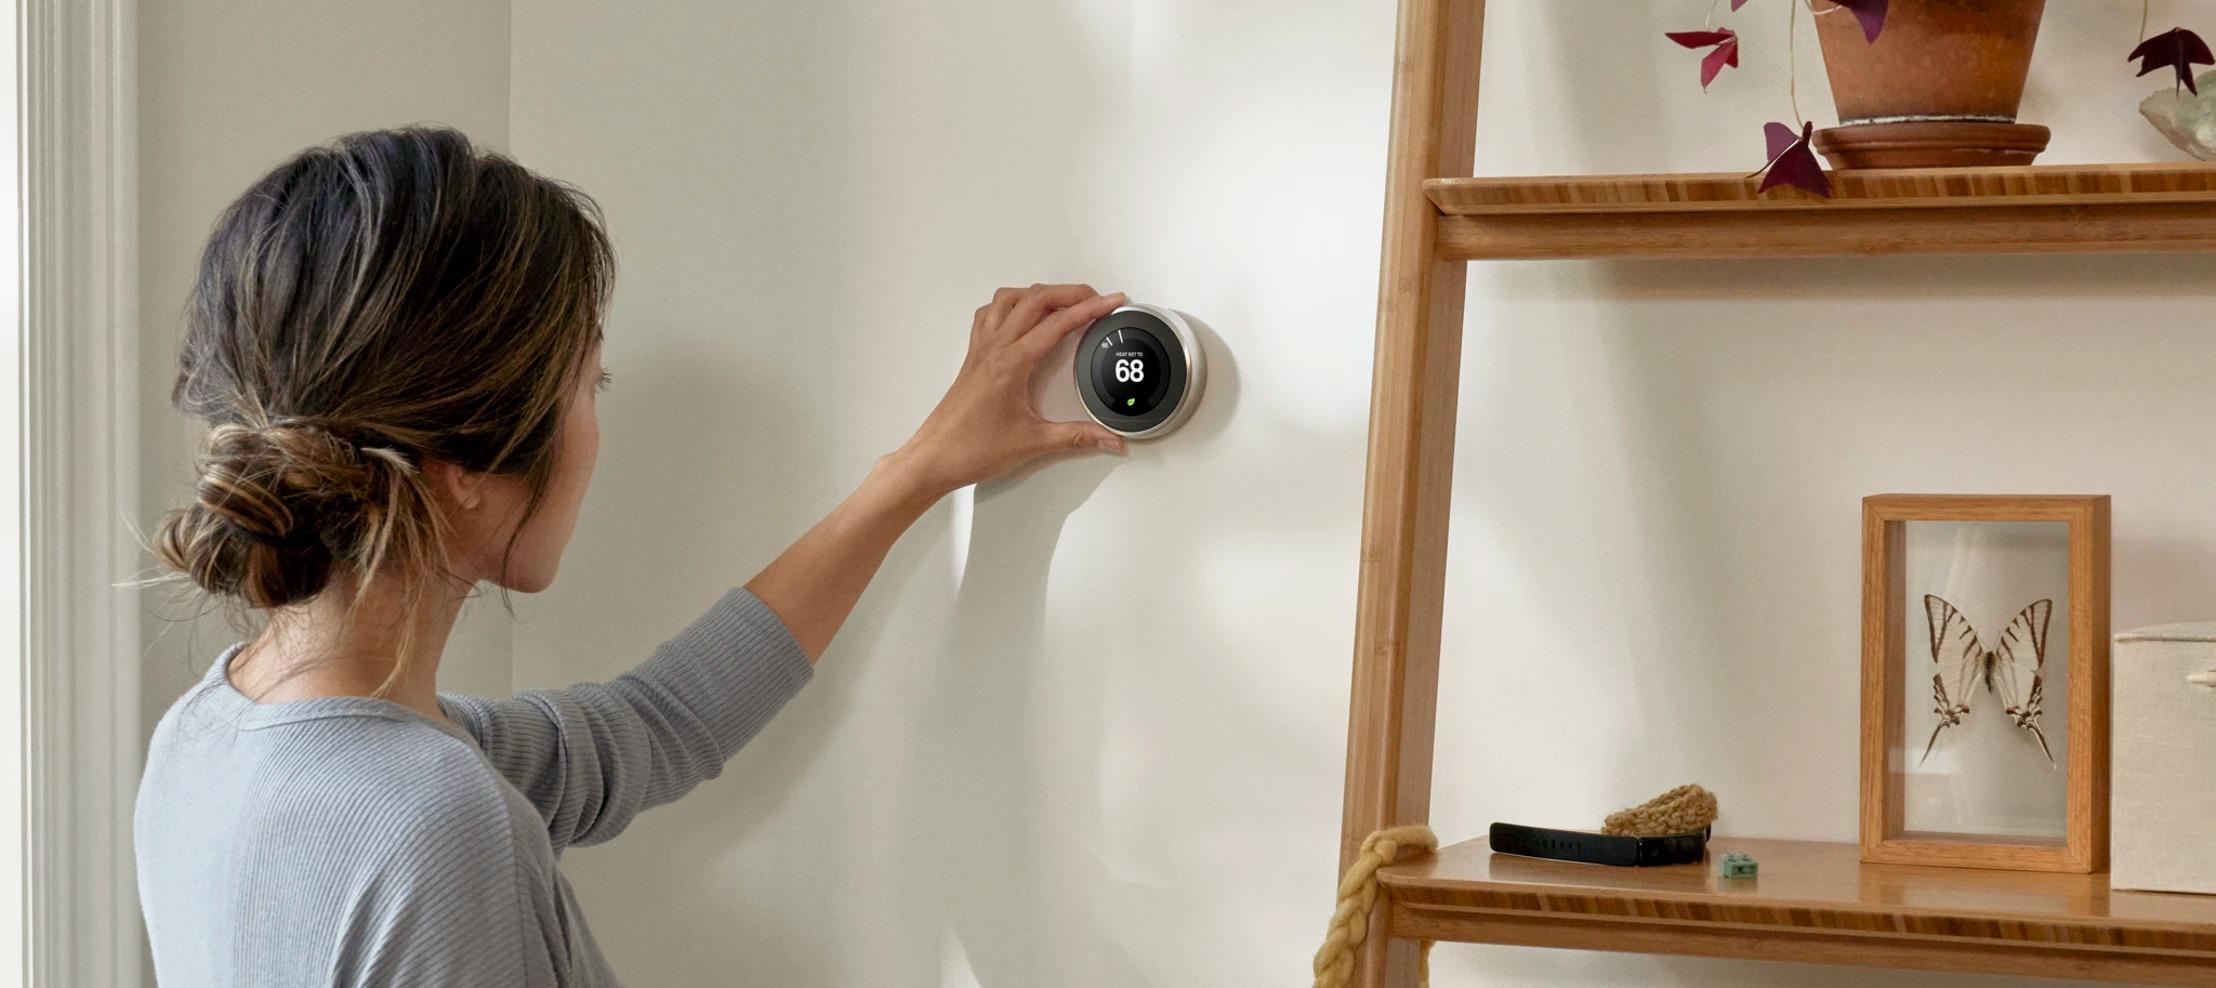 Les thermostats Google Nest veulent consommer moins cher et plus propre